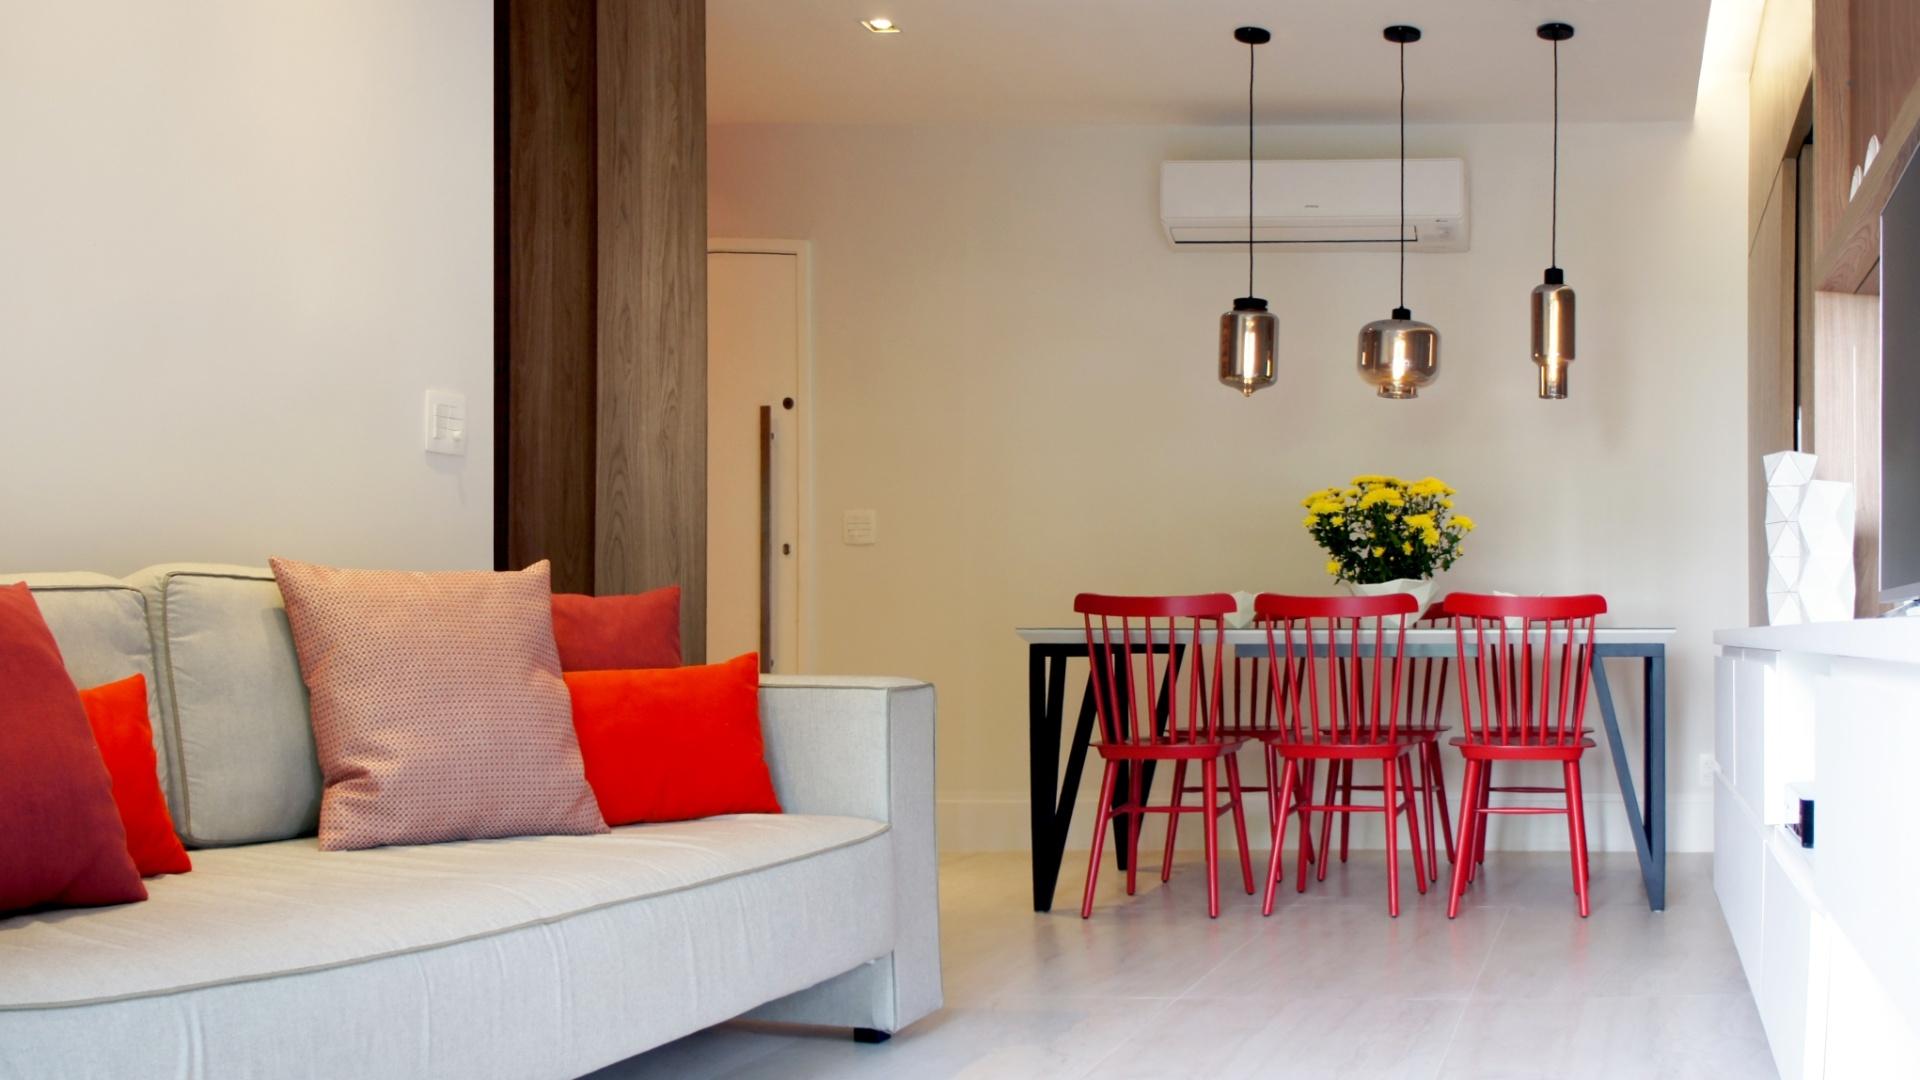 O estar é integrado com o jantar pelo piso de porcelanato (60 cm x 120 cm) padrão Travertino Navona, da Portobello, e pelas pinceladas coloridas nas almofadas e nas cadeiras em estilo